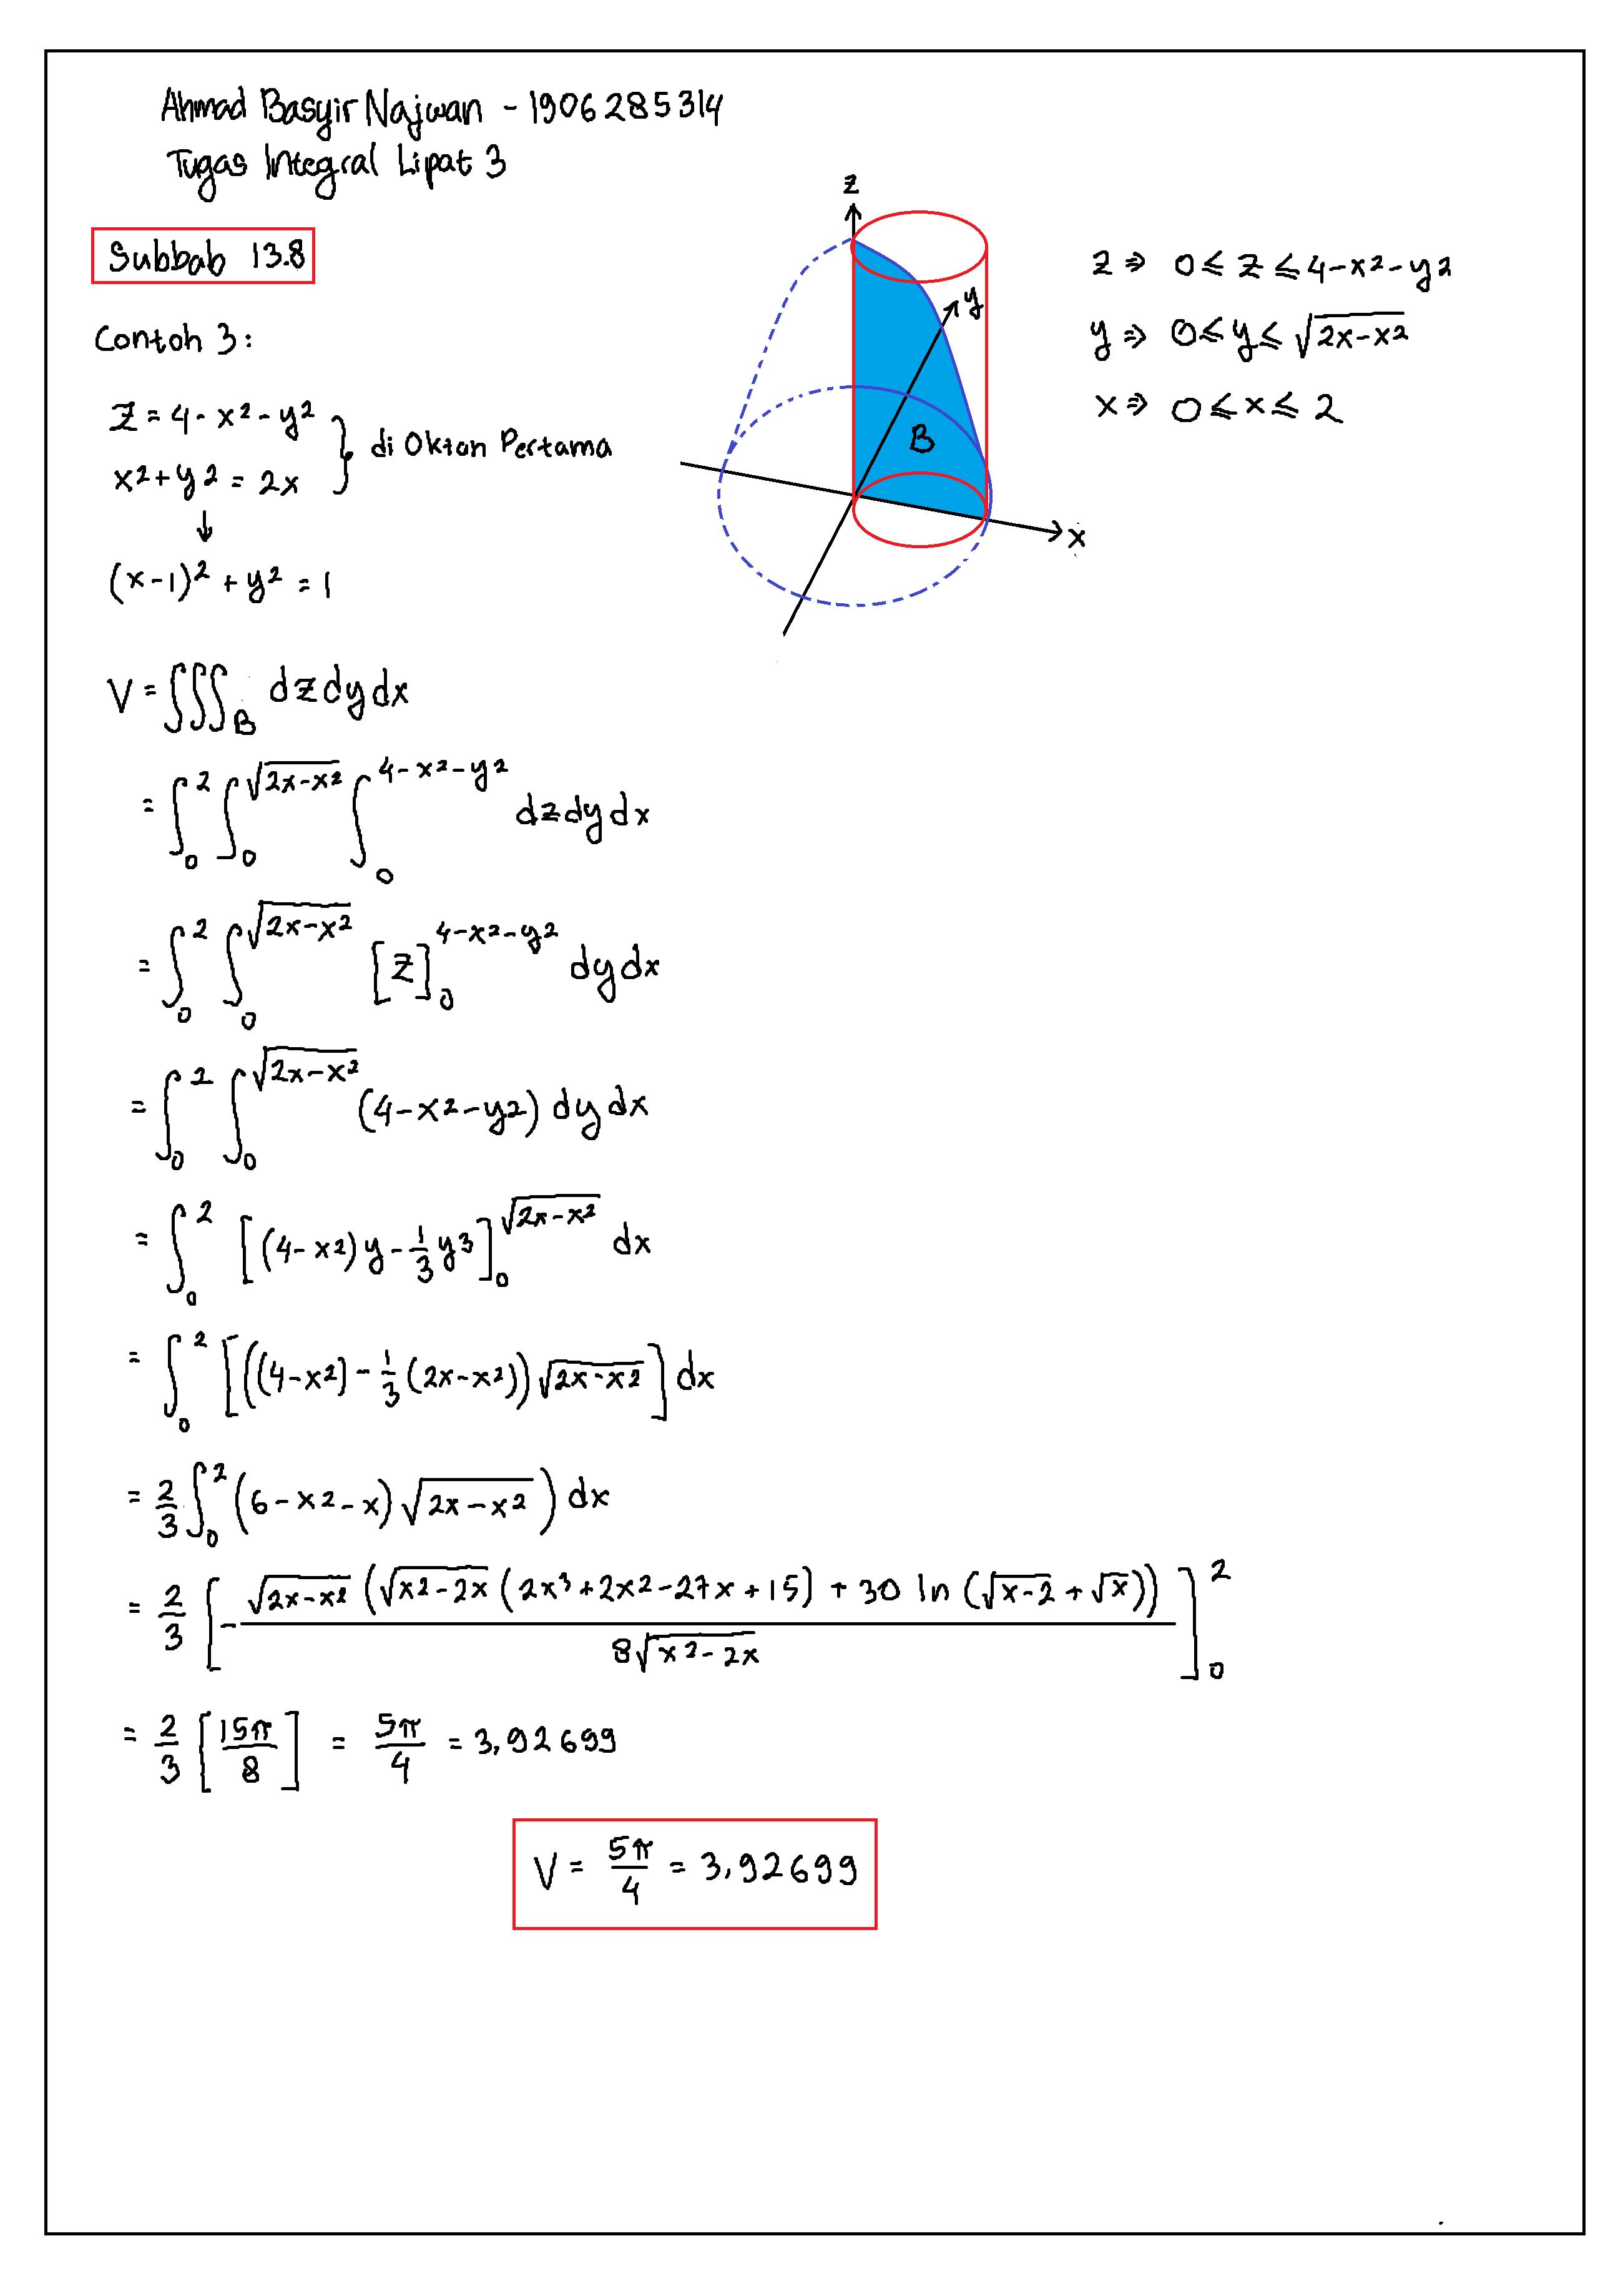 Contoh Soal Integral Lipat Dua : contoh, integral, lipat, Integral, Lipat, Contoh, Pembahasan, Dimensi, Sains